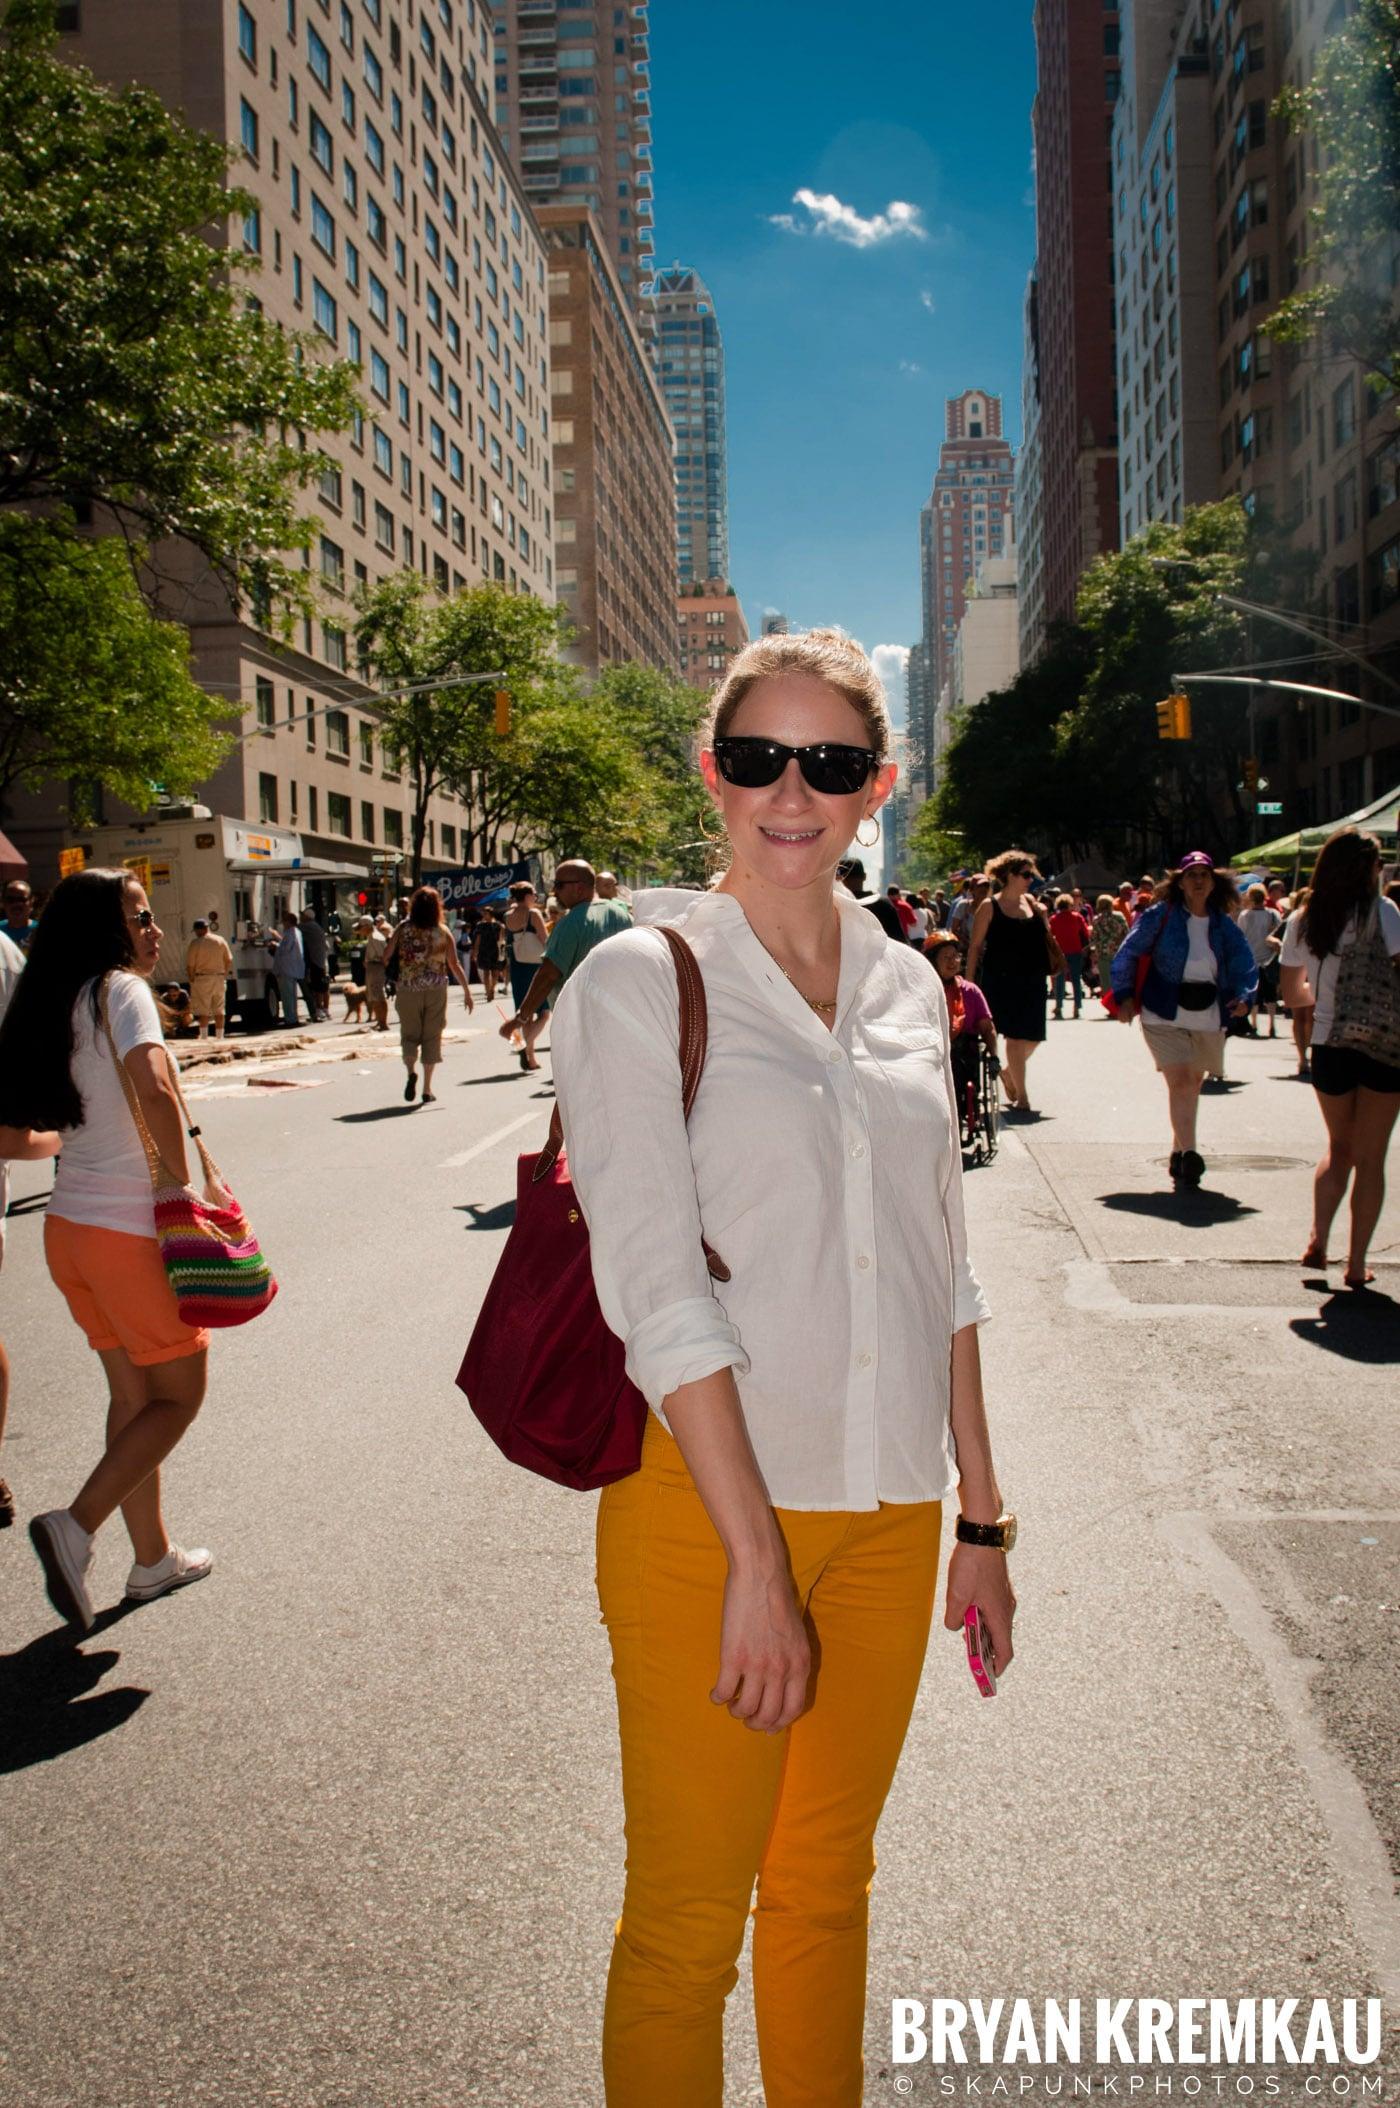 Central Park @ New York, NY - 9.9.12 (1)